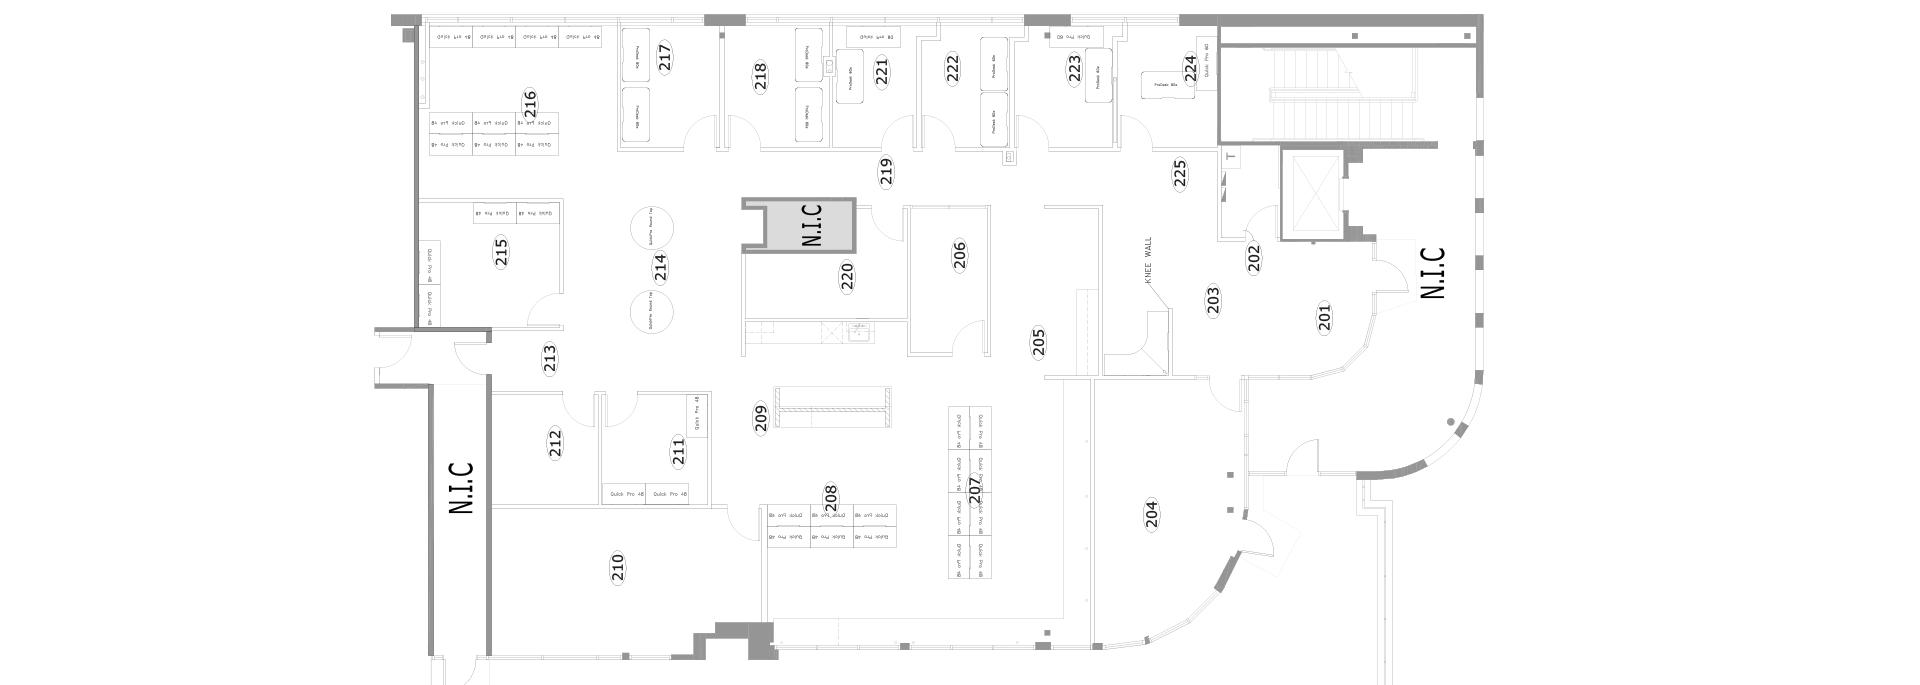 Rogers healy floor plan  image